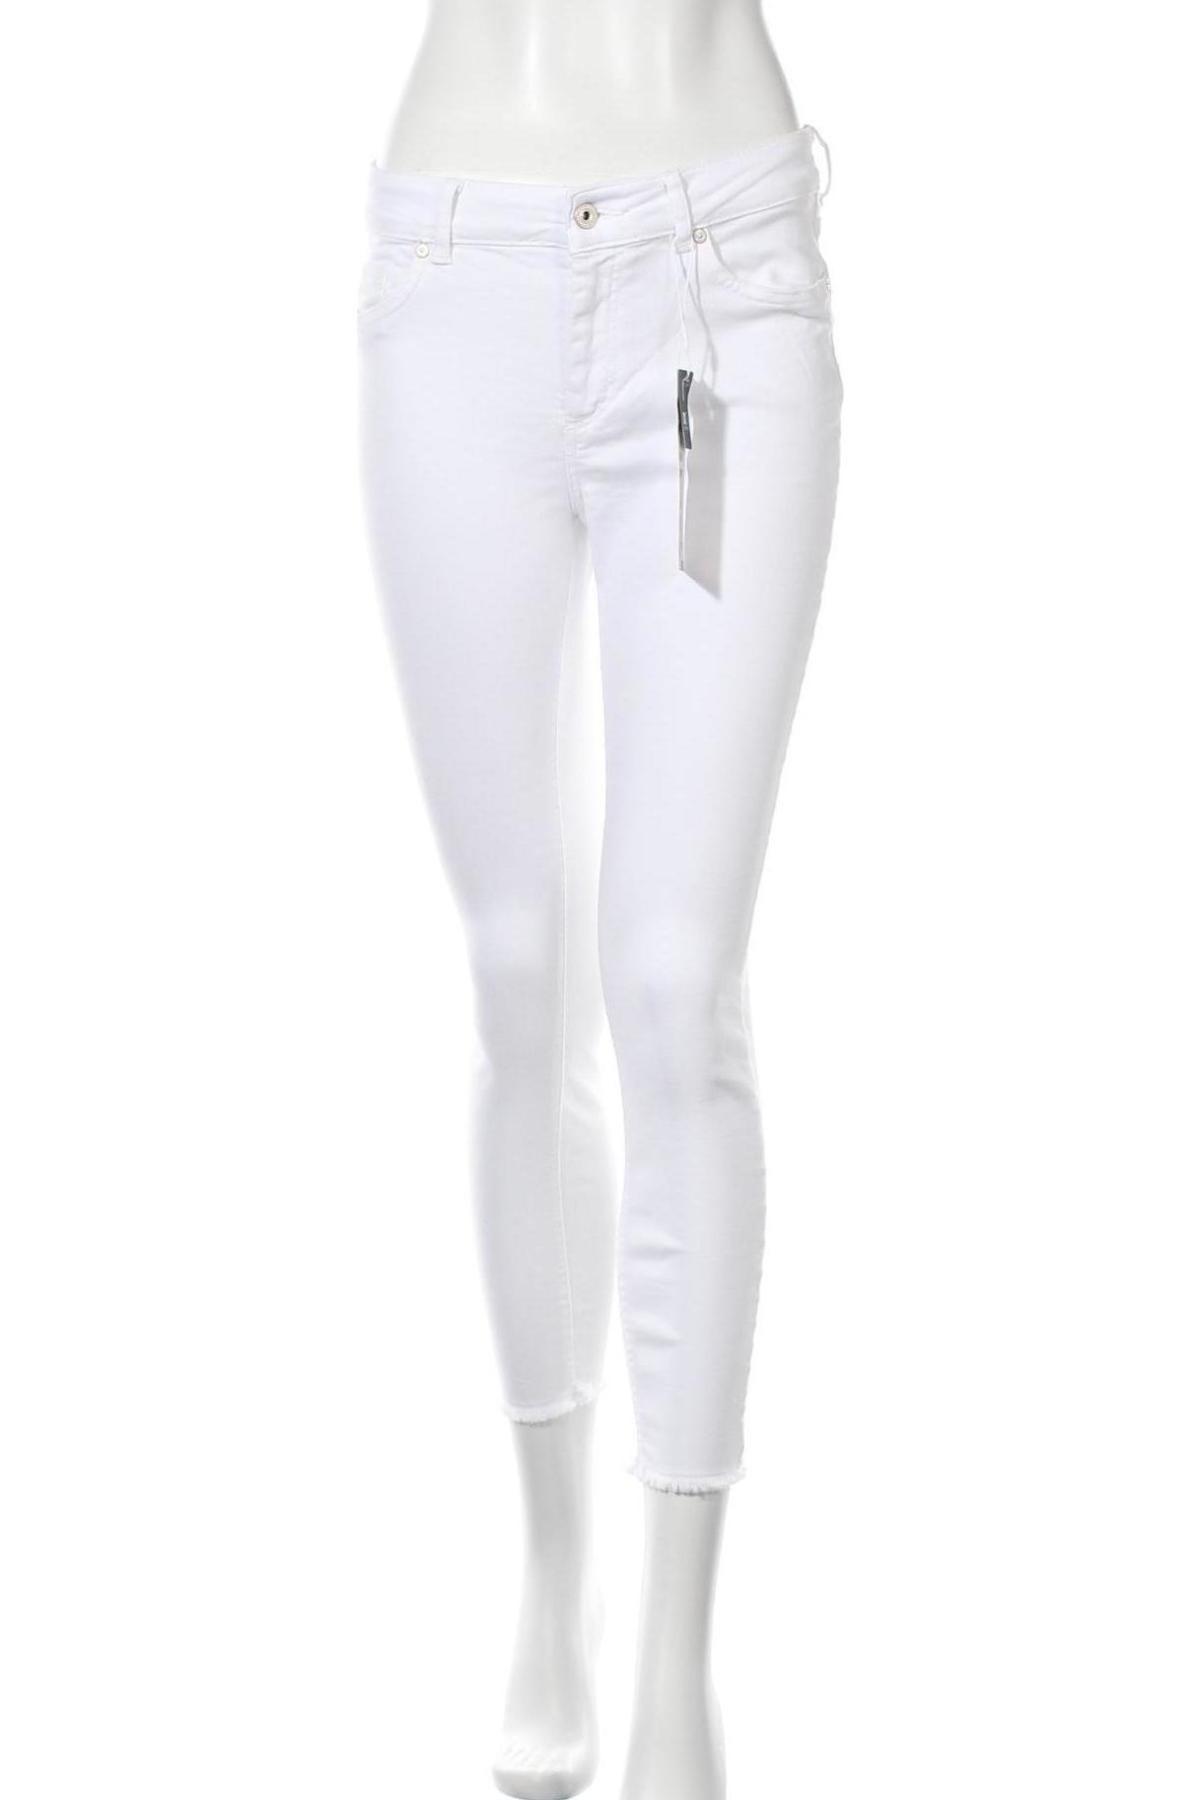 Дамски дънки ONLY, Размер M, Цвят Бял, 92% памук, 8% еластан, Цена 20,54лв.